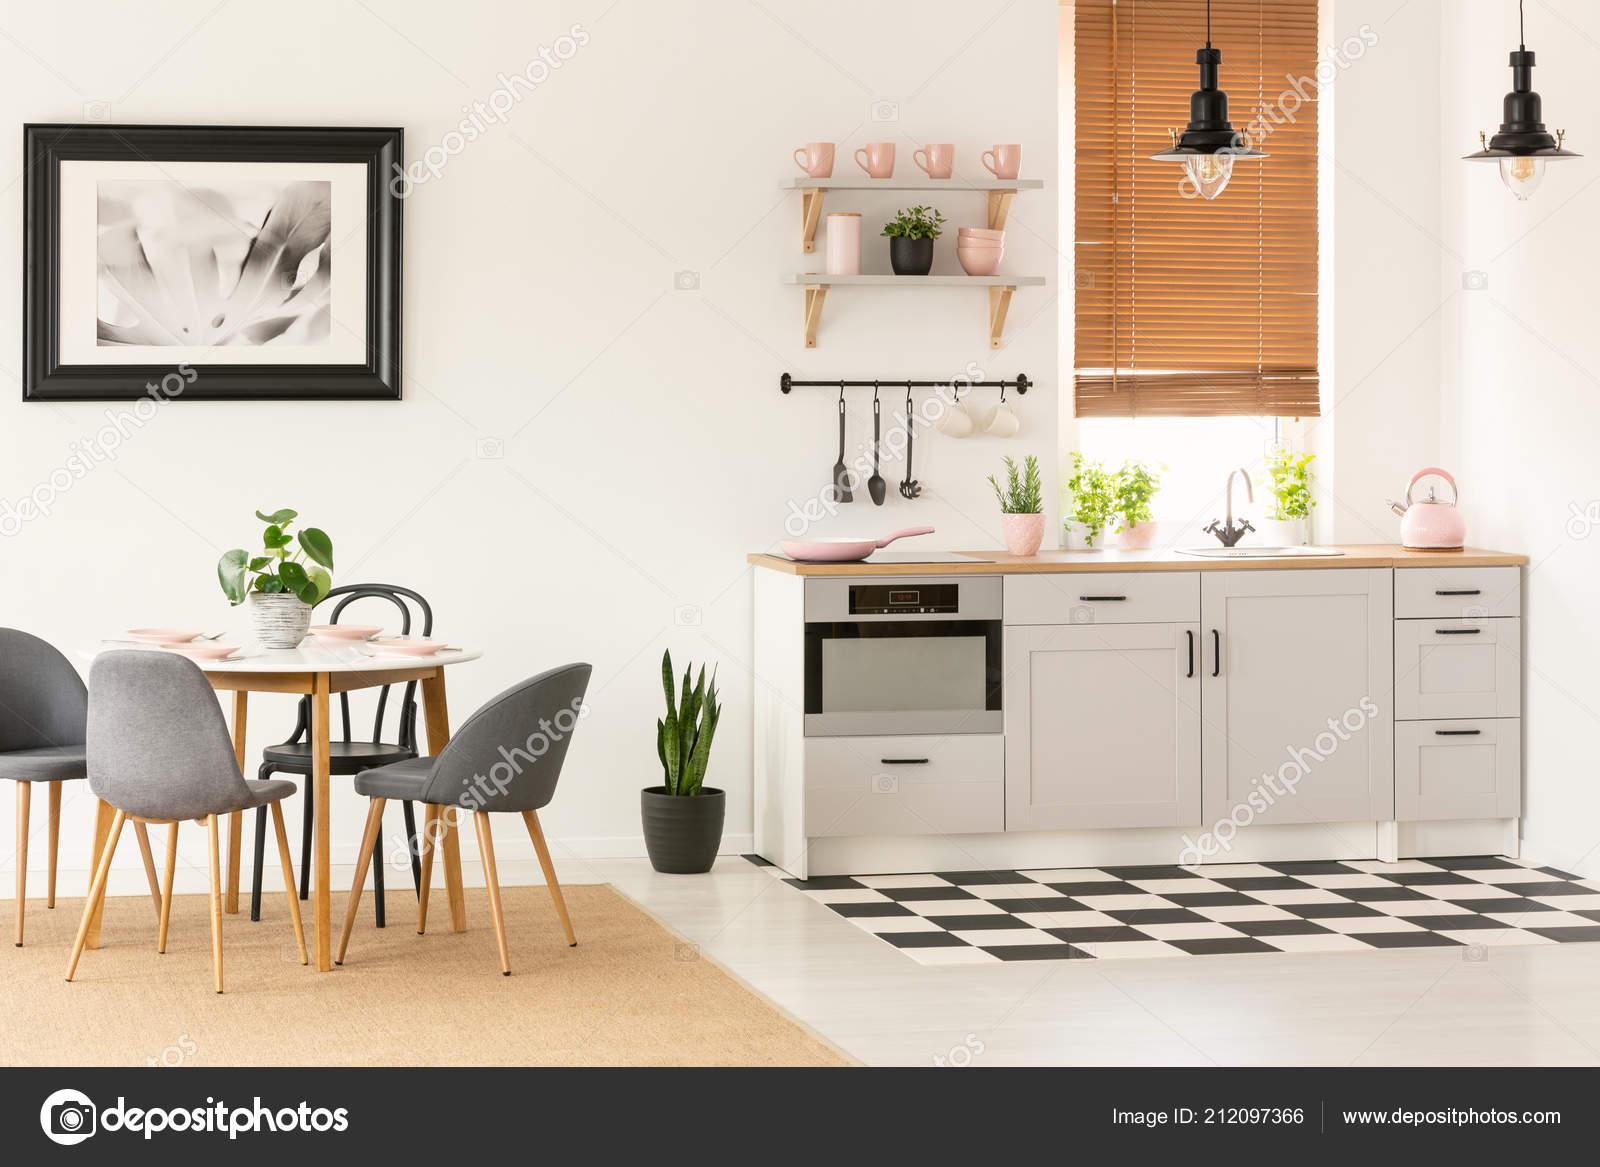 kitchen banquettes for sale ikea 真实照片的露天厨房内饰与餐桌椅窗口与木百叶窗和粉红色配件在台面上 真实照片的露天厨房内饰与餐桌椅窗口与木百叶窗和